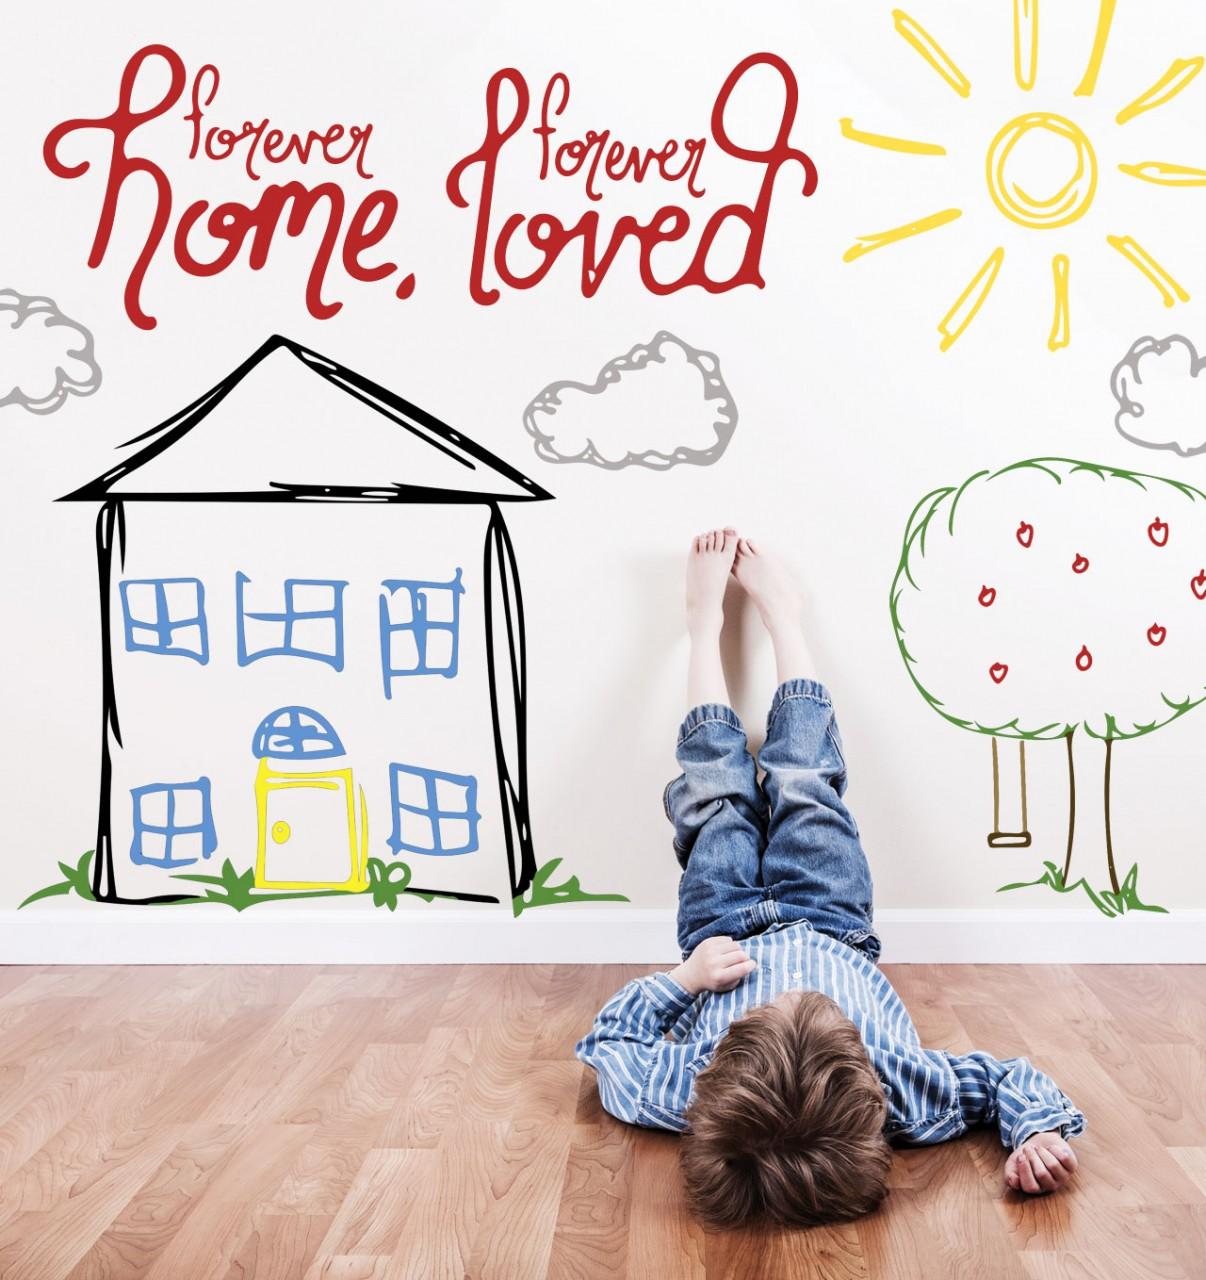 Forever home, forever loved